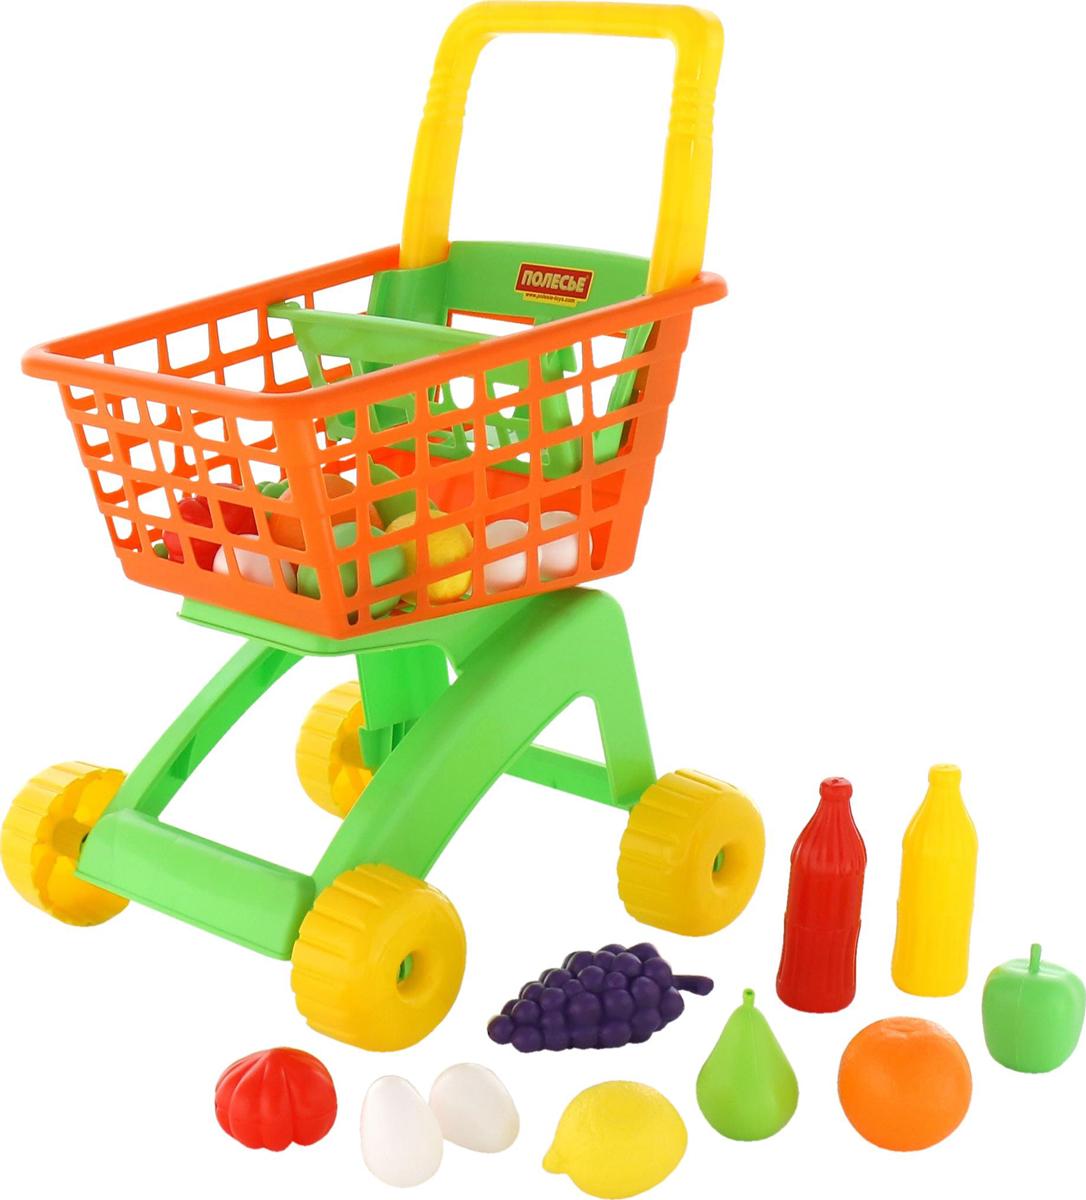 Фото - Полесье Игрушечная тележка для магазина набор продуктов № 6, 19 предметов, цвет в ассортименте полесье игрушечная тележка supermarket 1 с набором продуктов цвет в ассортименте